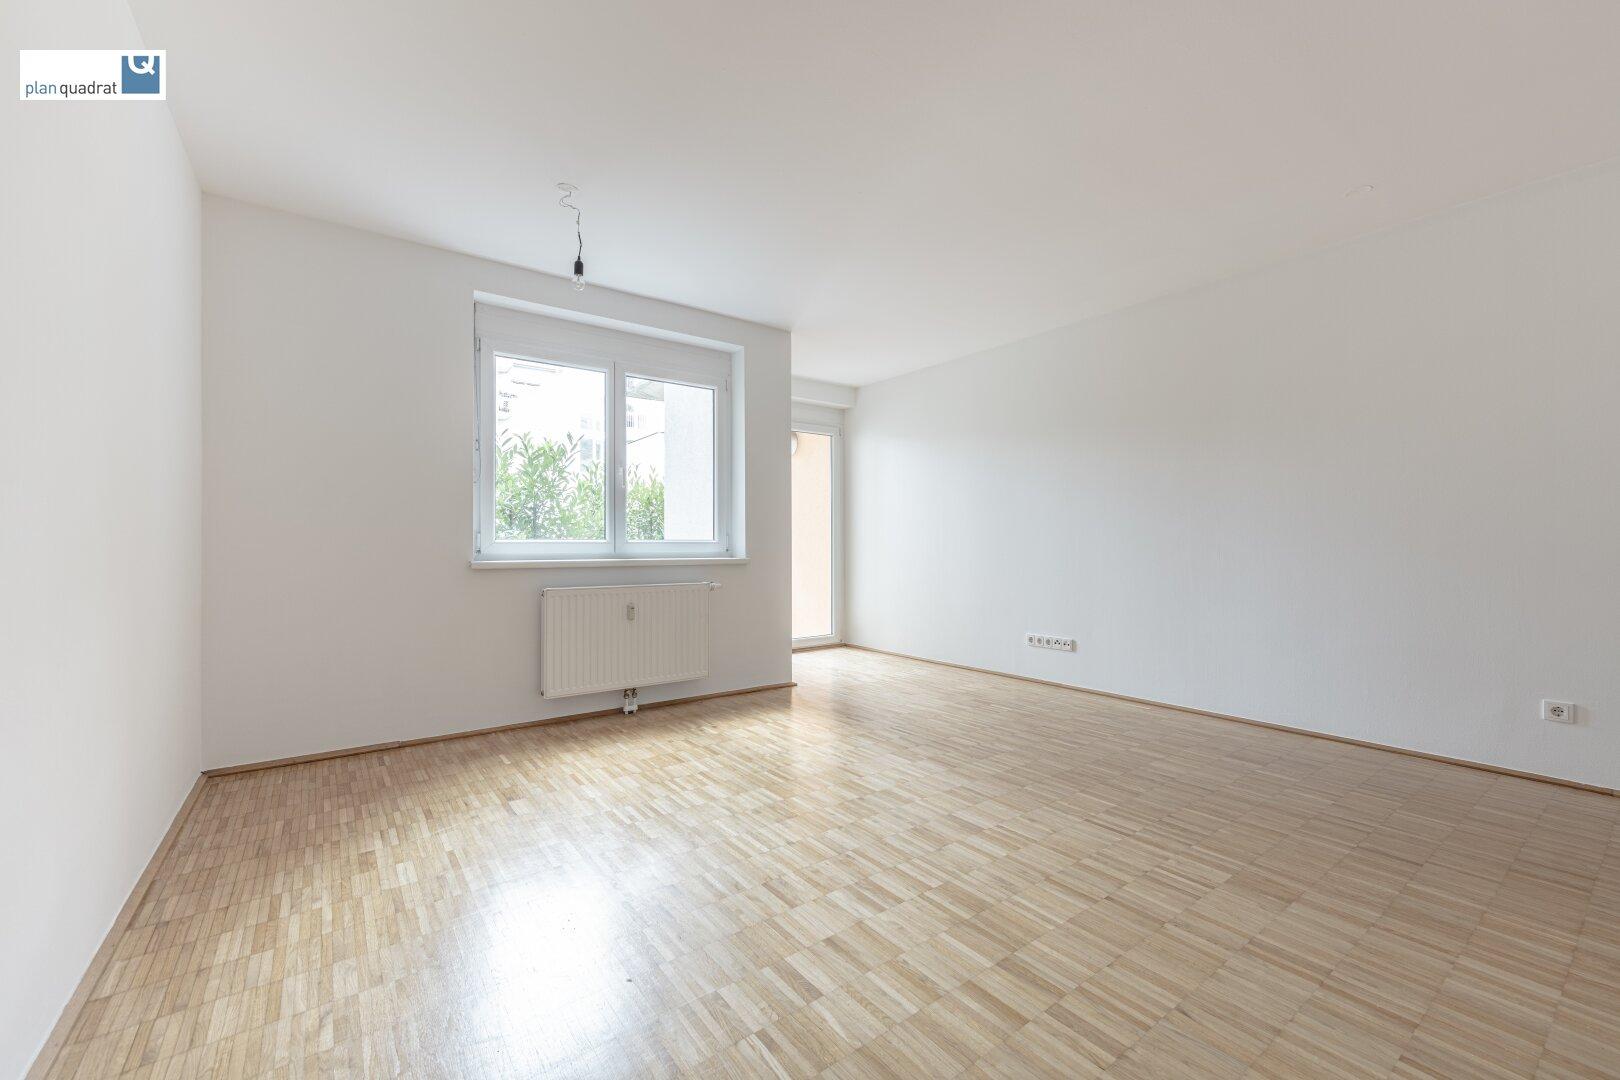 Wohn- / Esszimmer (ca. 23,90 m²) mit Ausgang zum Balkon